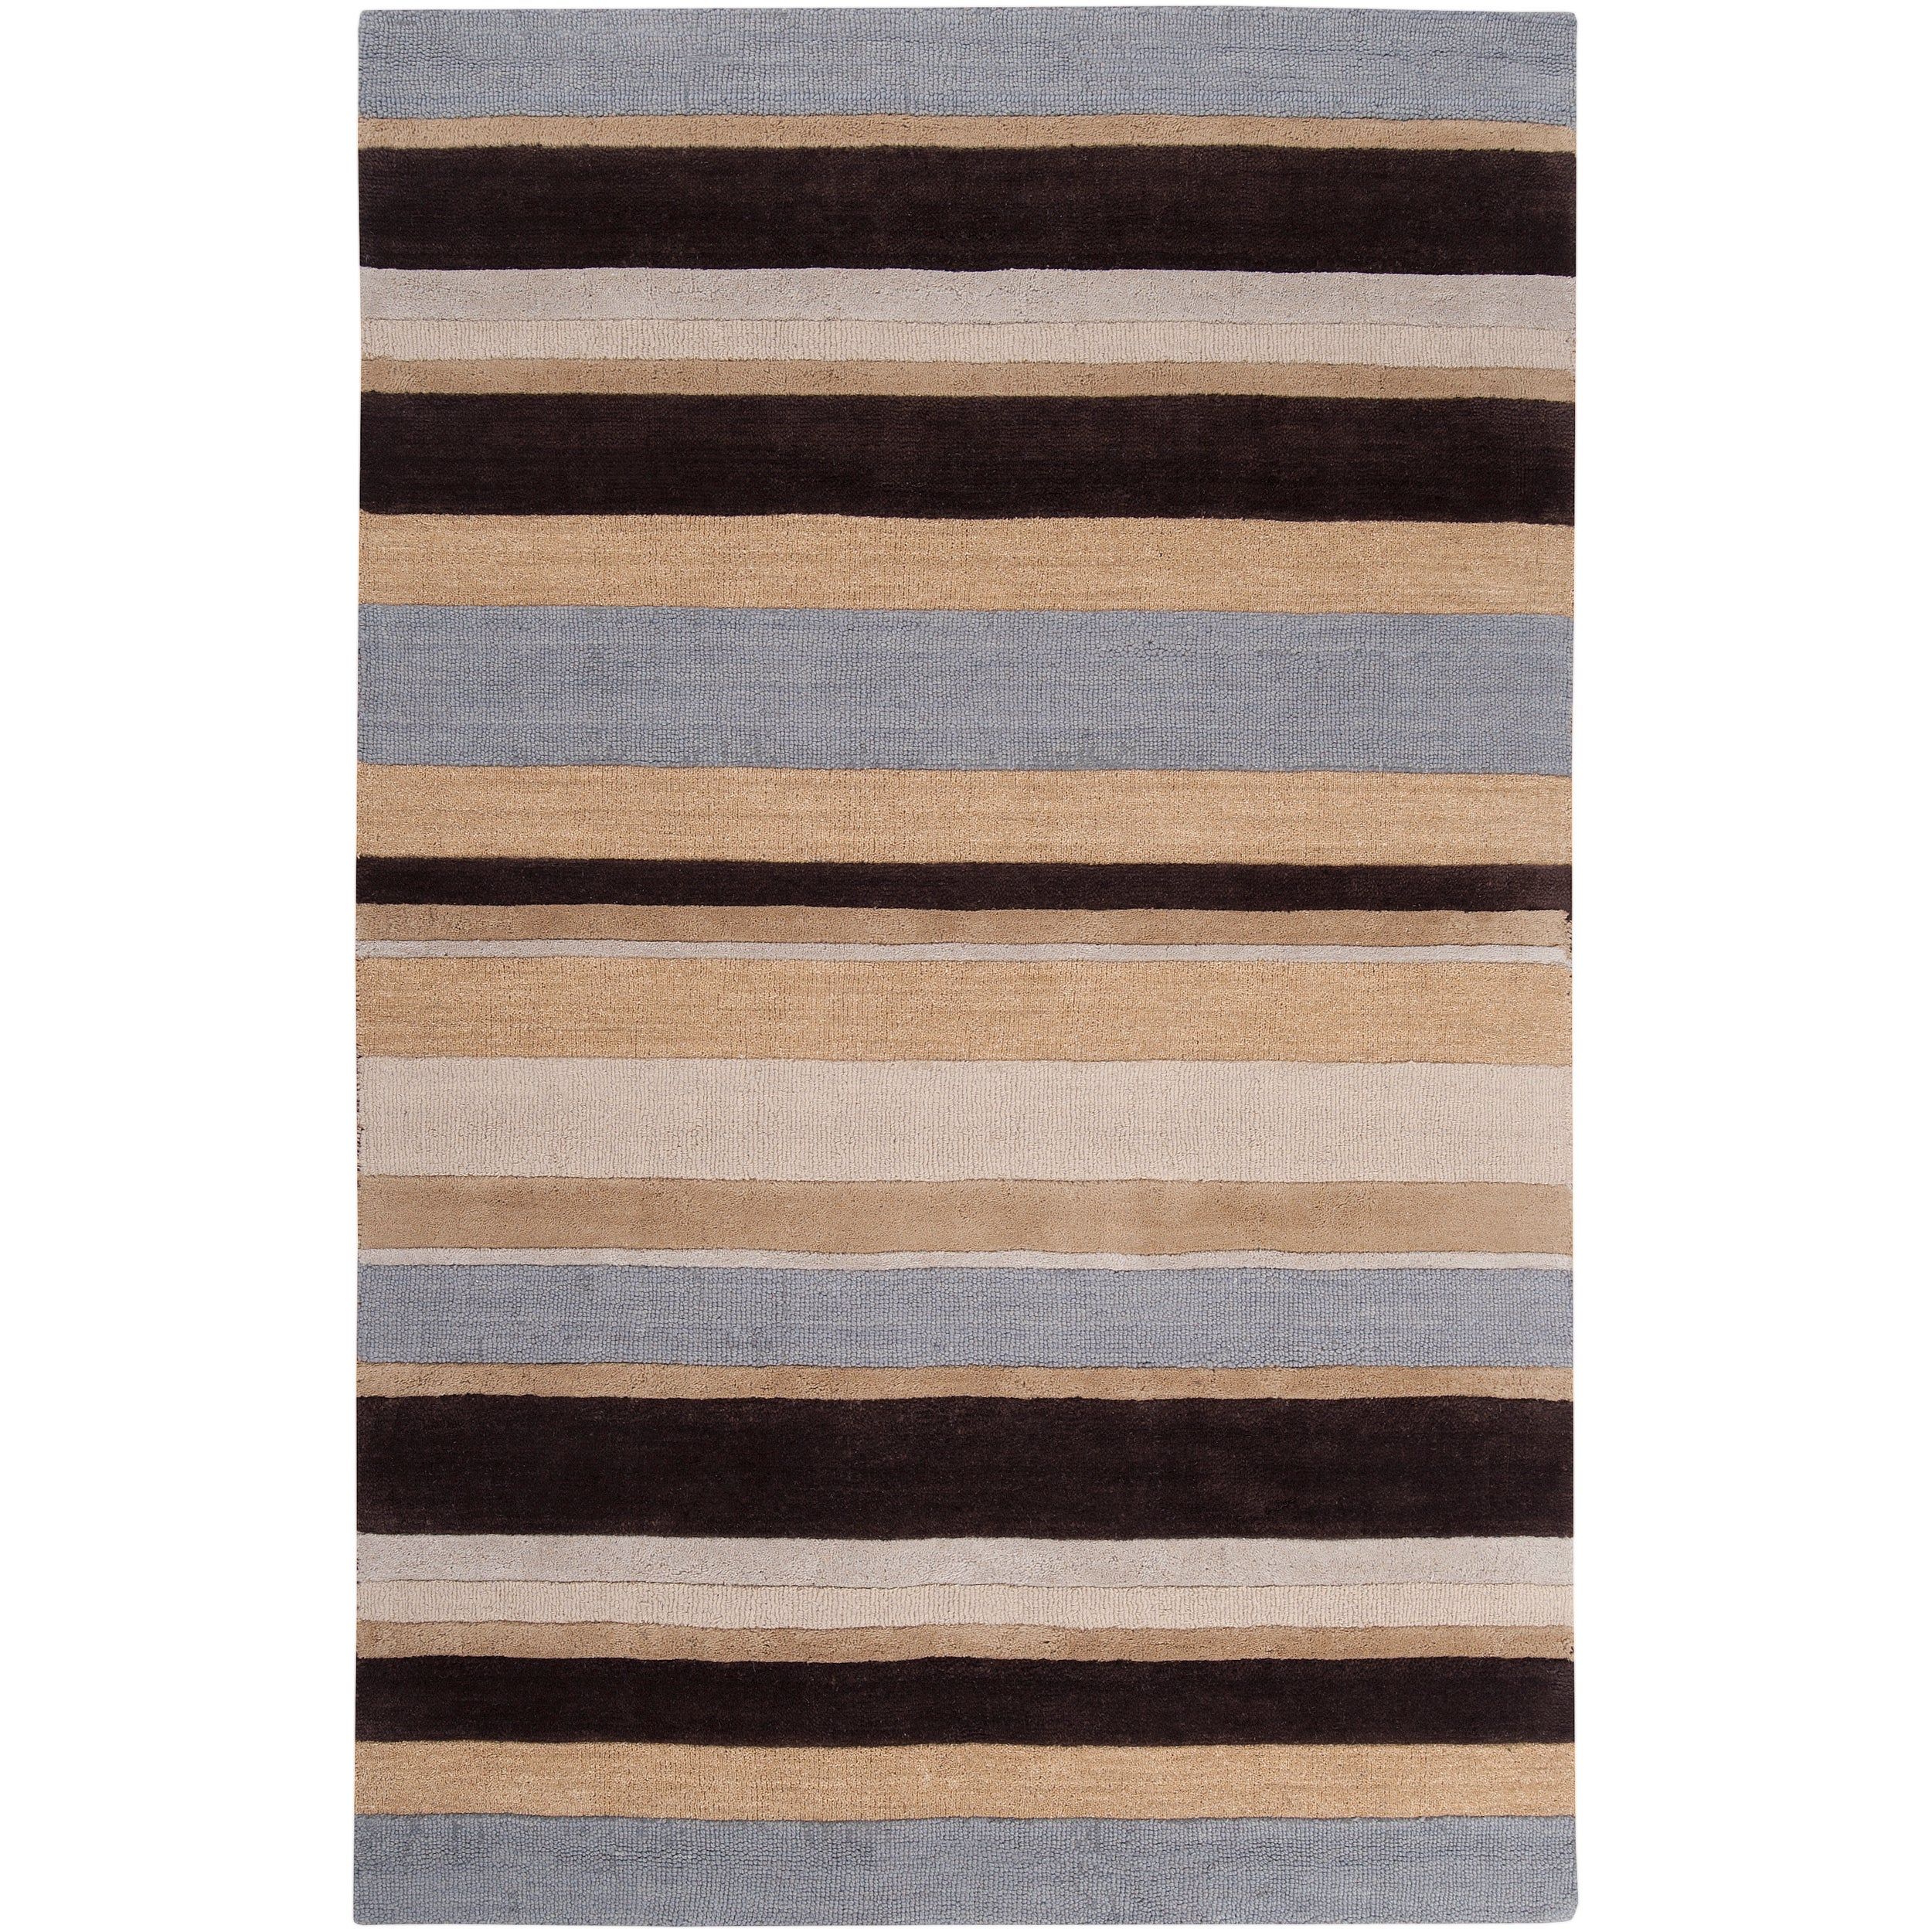 Hand-tufted Brown/Blue Stripe Celery Wool Rug (5' x 8')